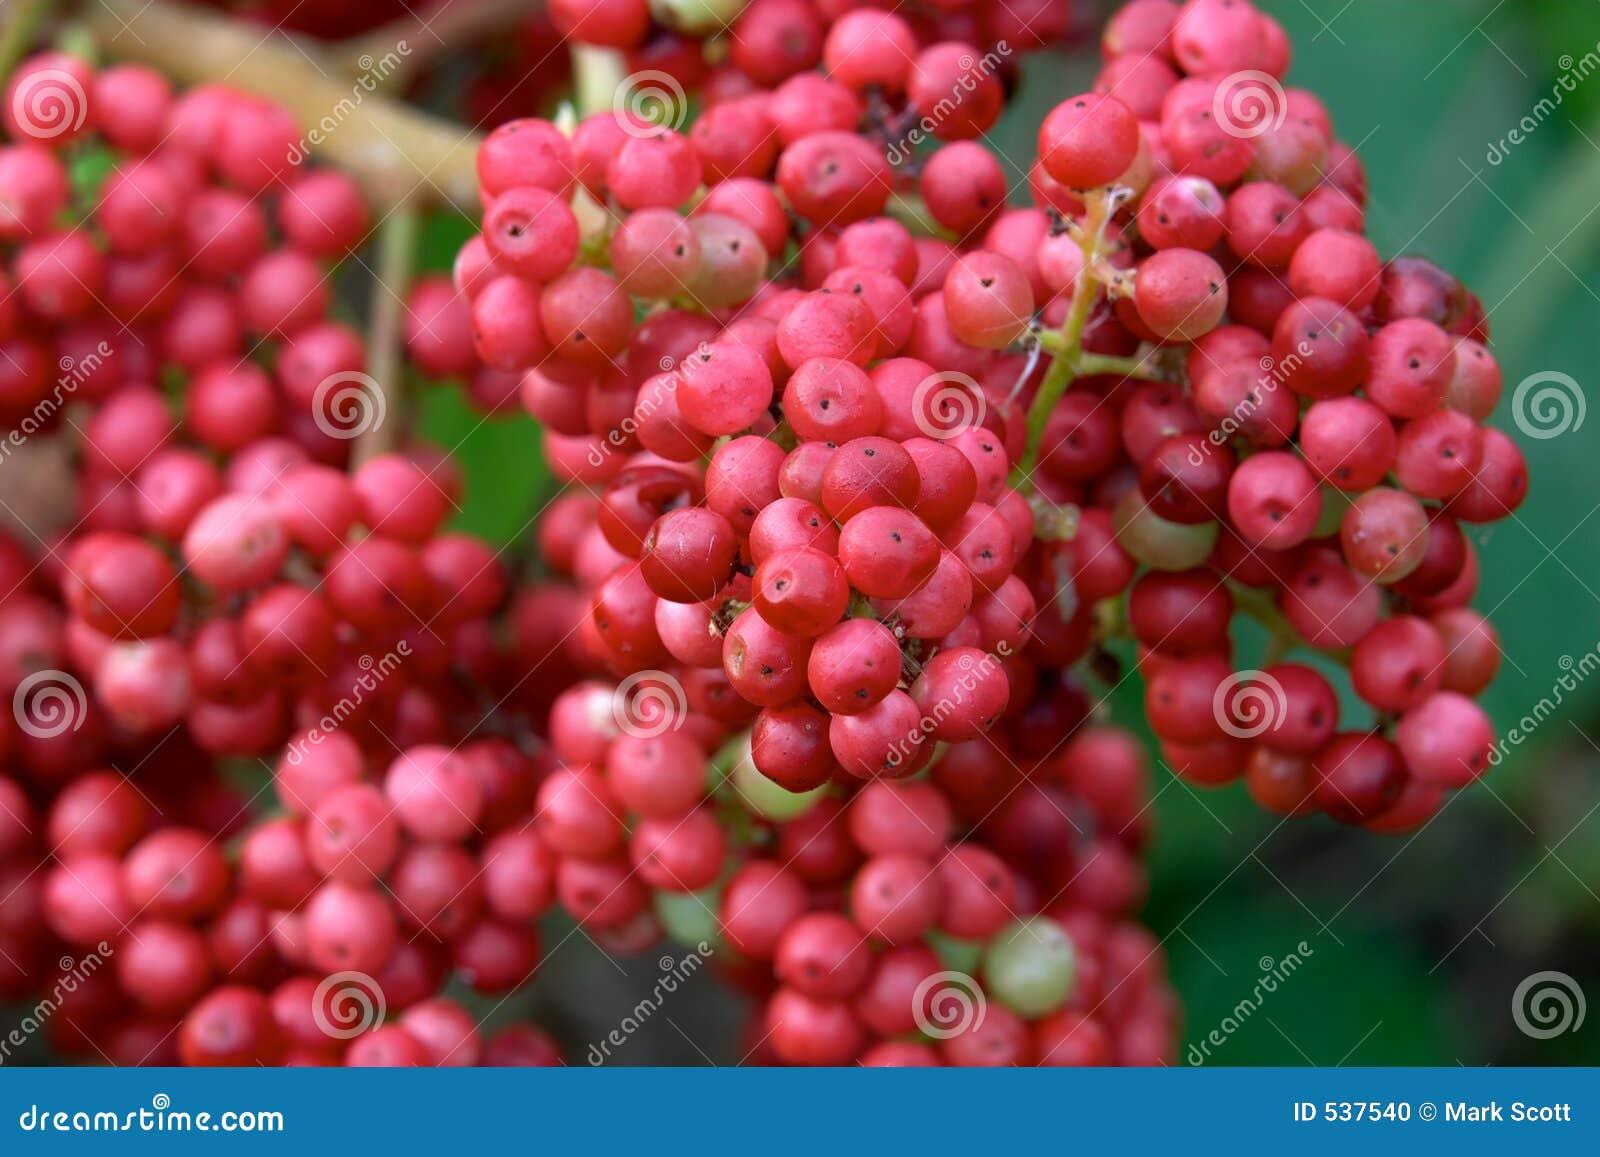 Download 红色的浆果 库存照片. 图片 包括有 春天, 自然, 红色, 圣诞节, 通配, 苦汁, 粉红色, 节假日, 猩红色 - 537540